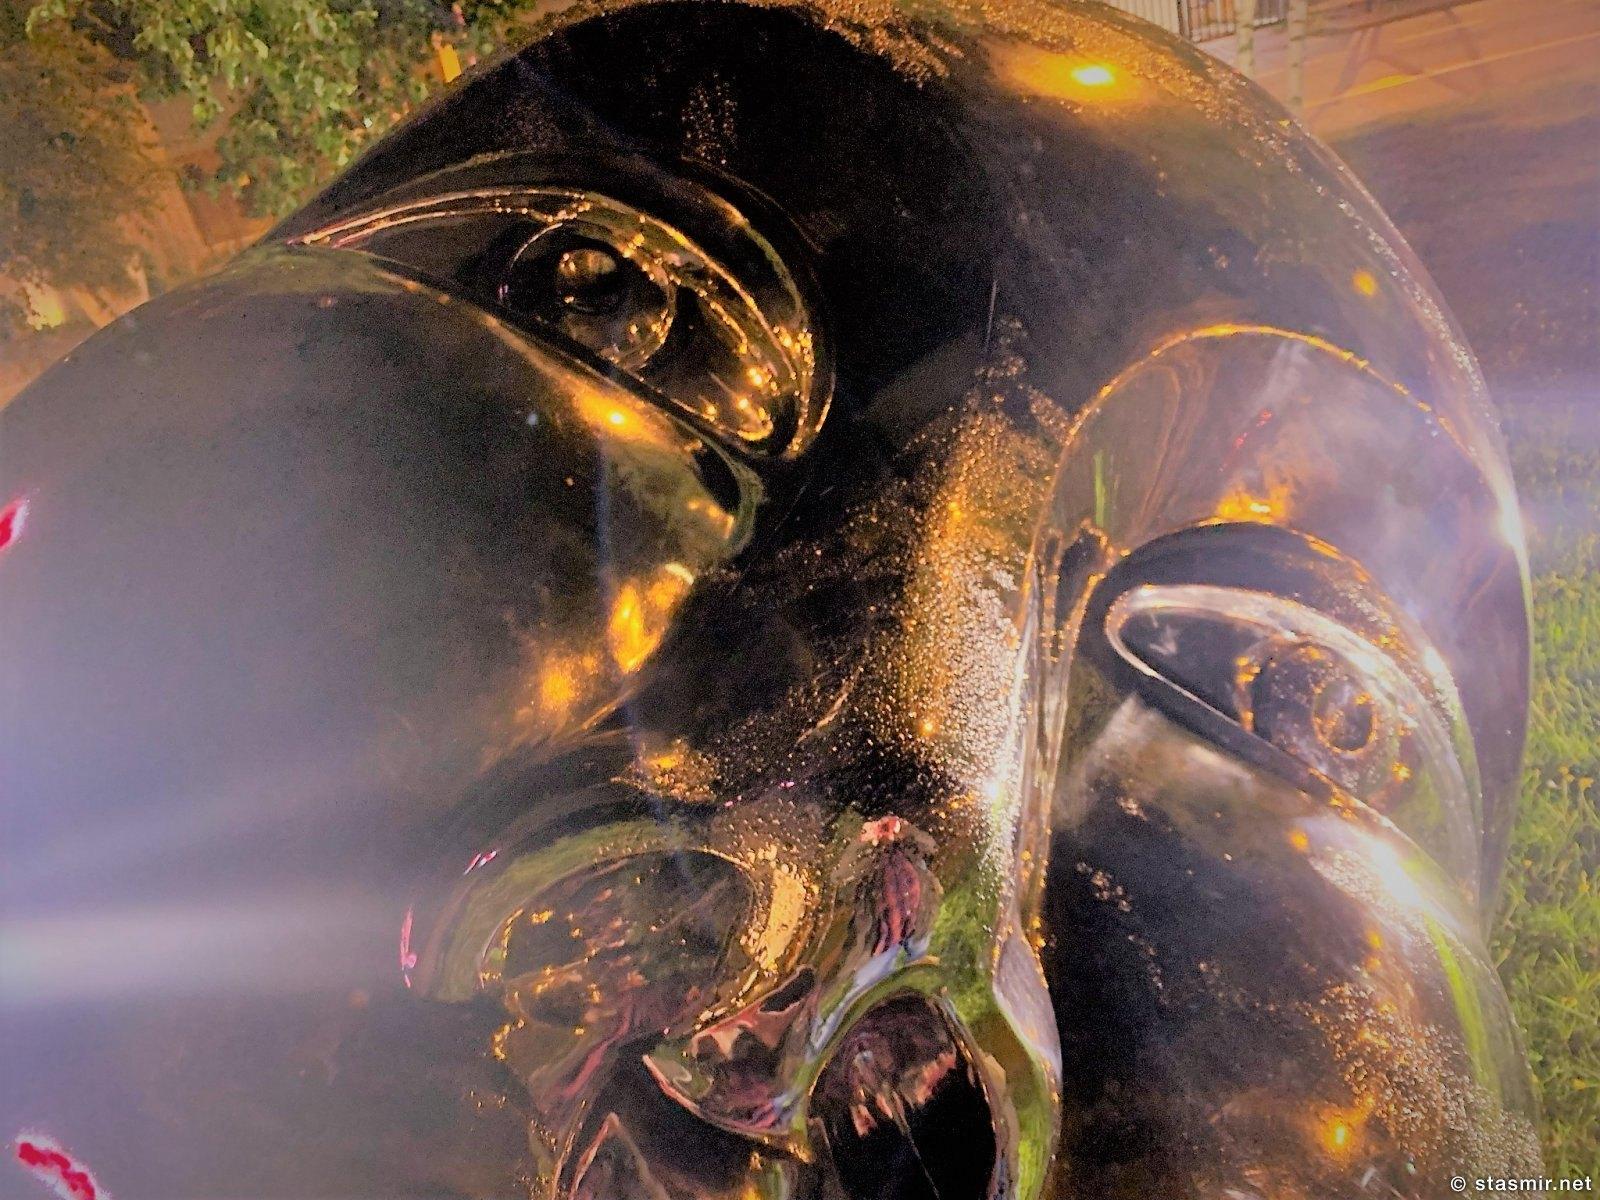 Ужастки современной скульптуры в  Схипхле, Нидерланды, фото Стасмир, photo Stasmir